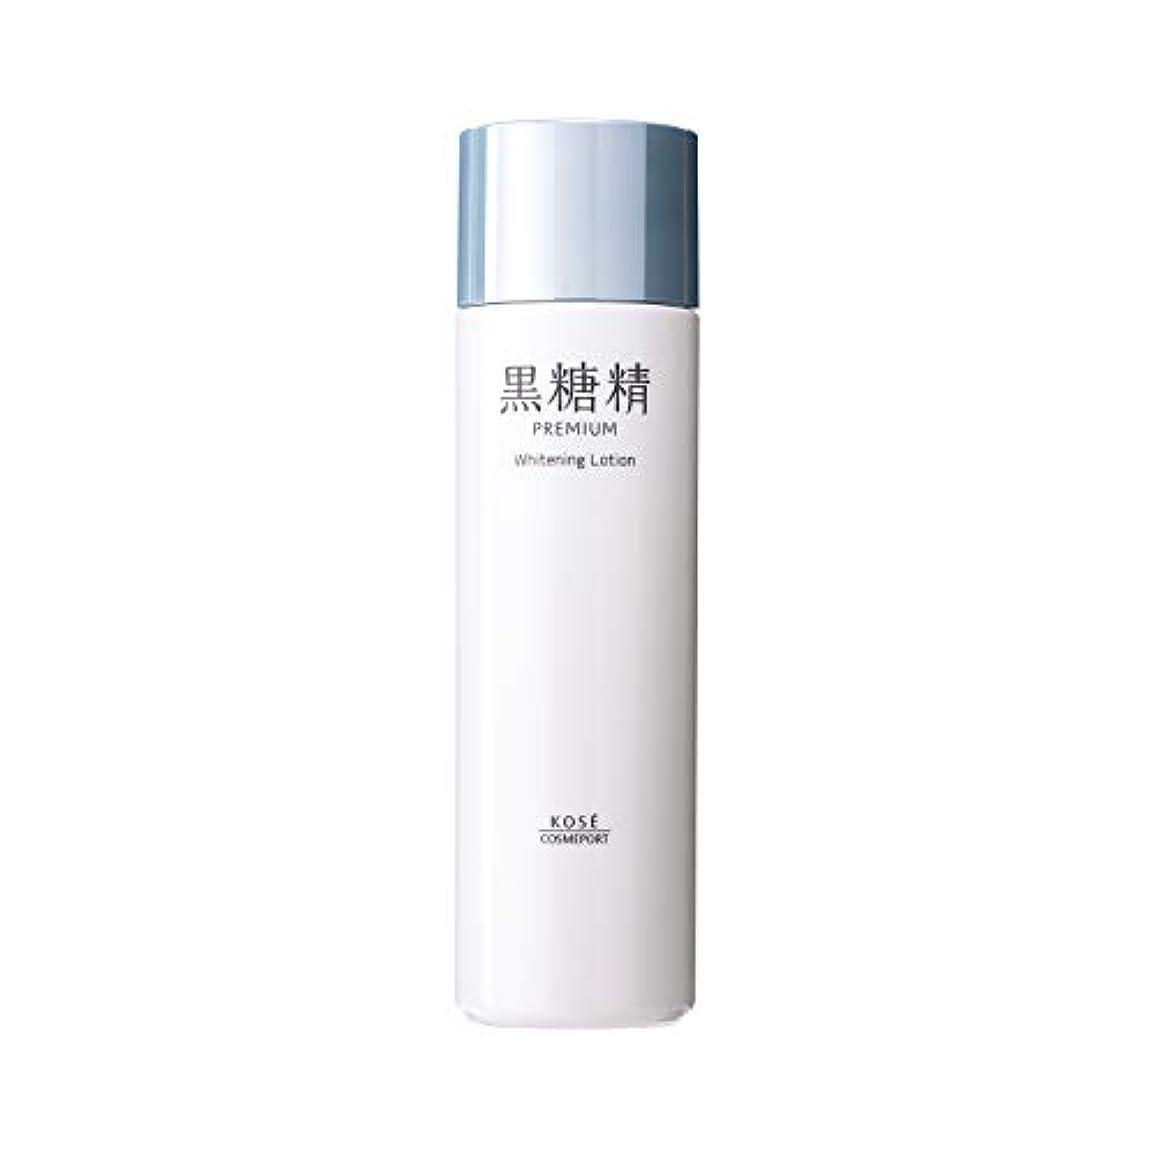 適度なゲストかんがいKOSE 黒糖精 プレミアム ホワイトニング ローション 薬用美白 化粧水 180ml (医薬部外品)